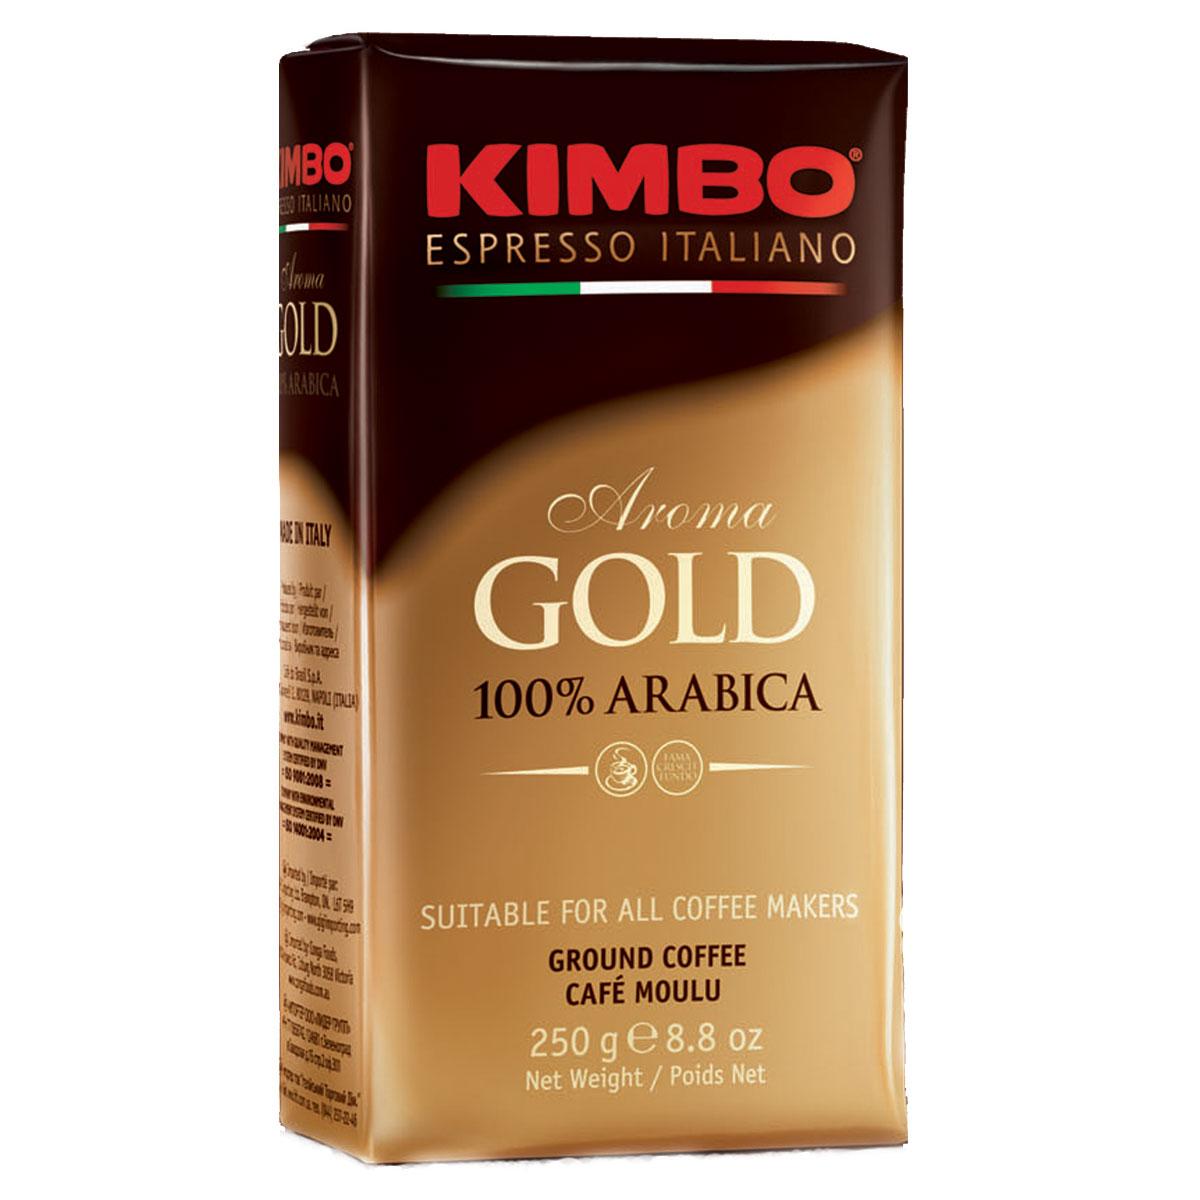 Kimbo Aroma Gold 100% Arabica кофе молотый, 250 г101246Натуральный жареный молотый кофе Kimbo Aroma Gold 100% Arabica. Смесь превосходной арабики отличается нежным вкусом, мягкой кислинкой и тонкимароматом. Состав смеси: 100% арабика.